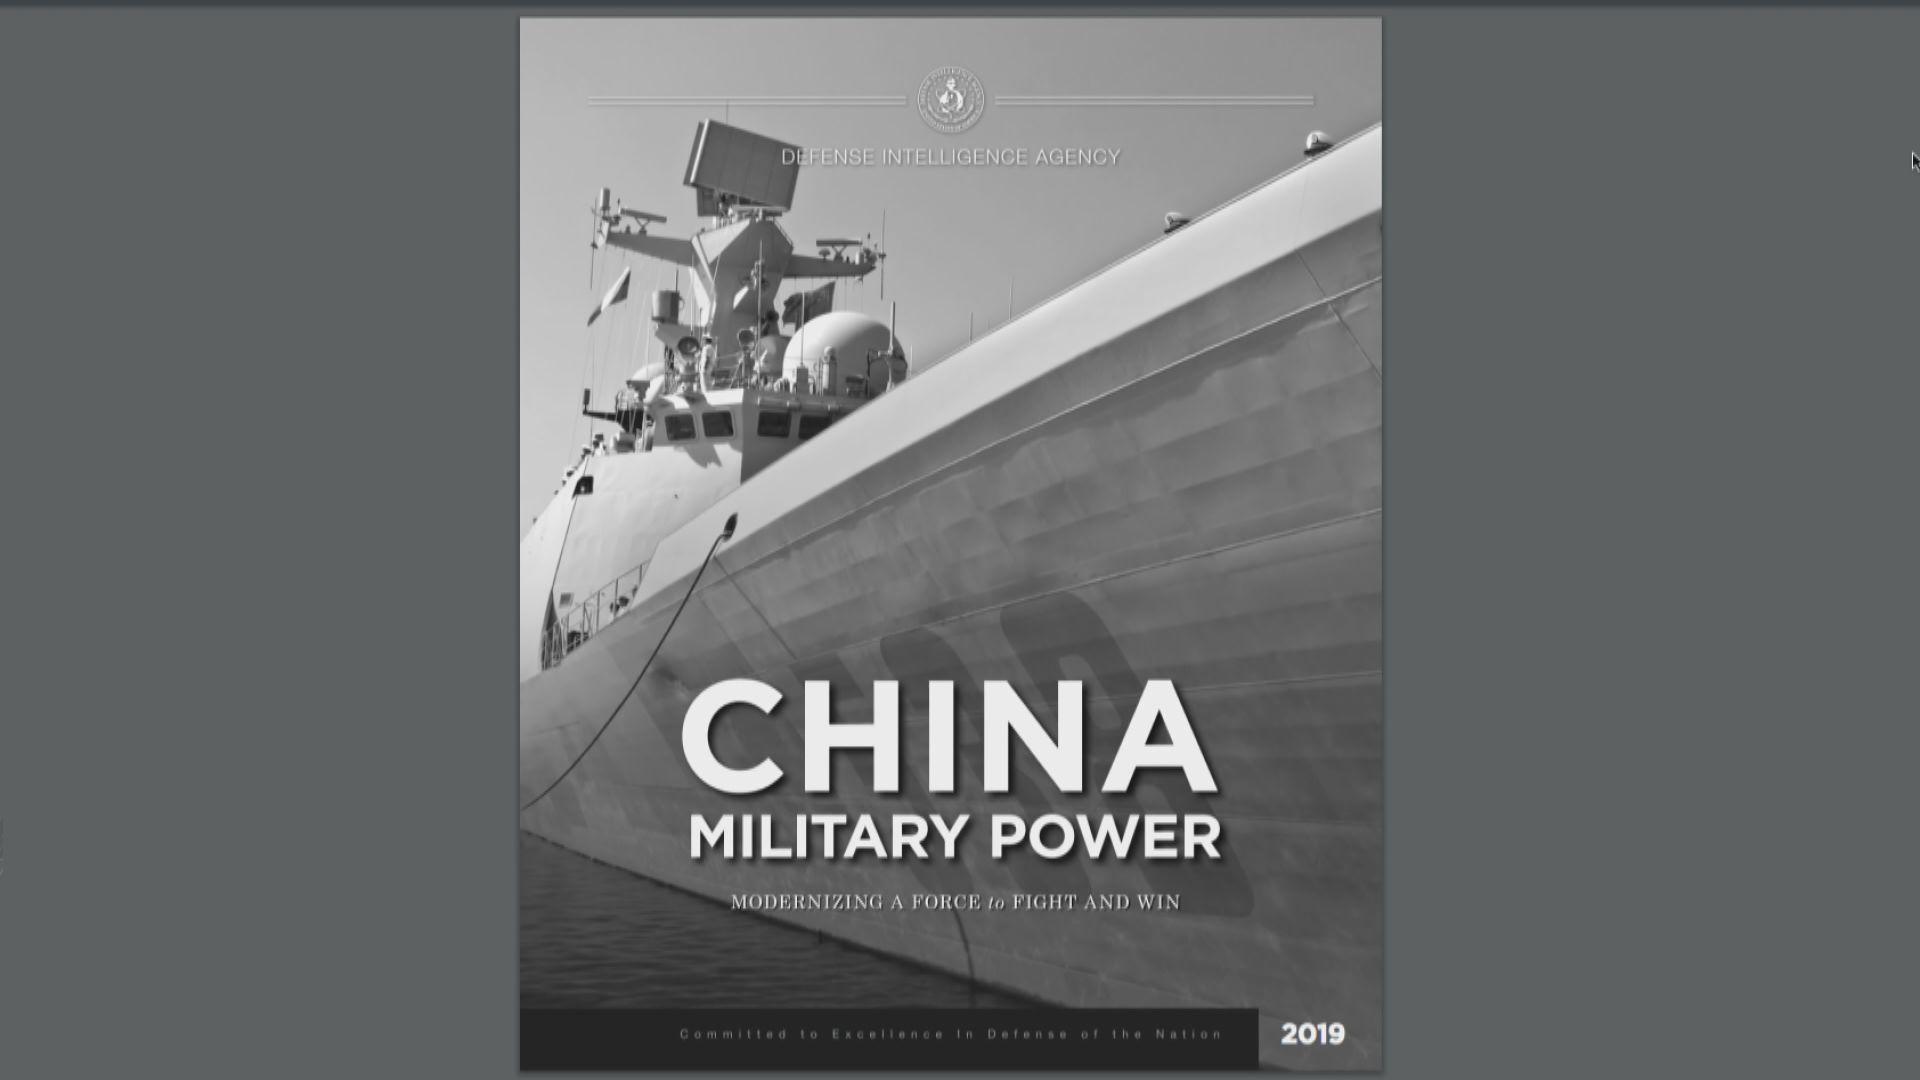 美報告指大陸為實現統一增強軍力